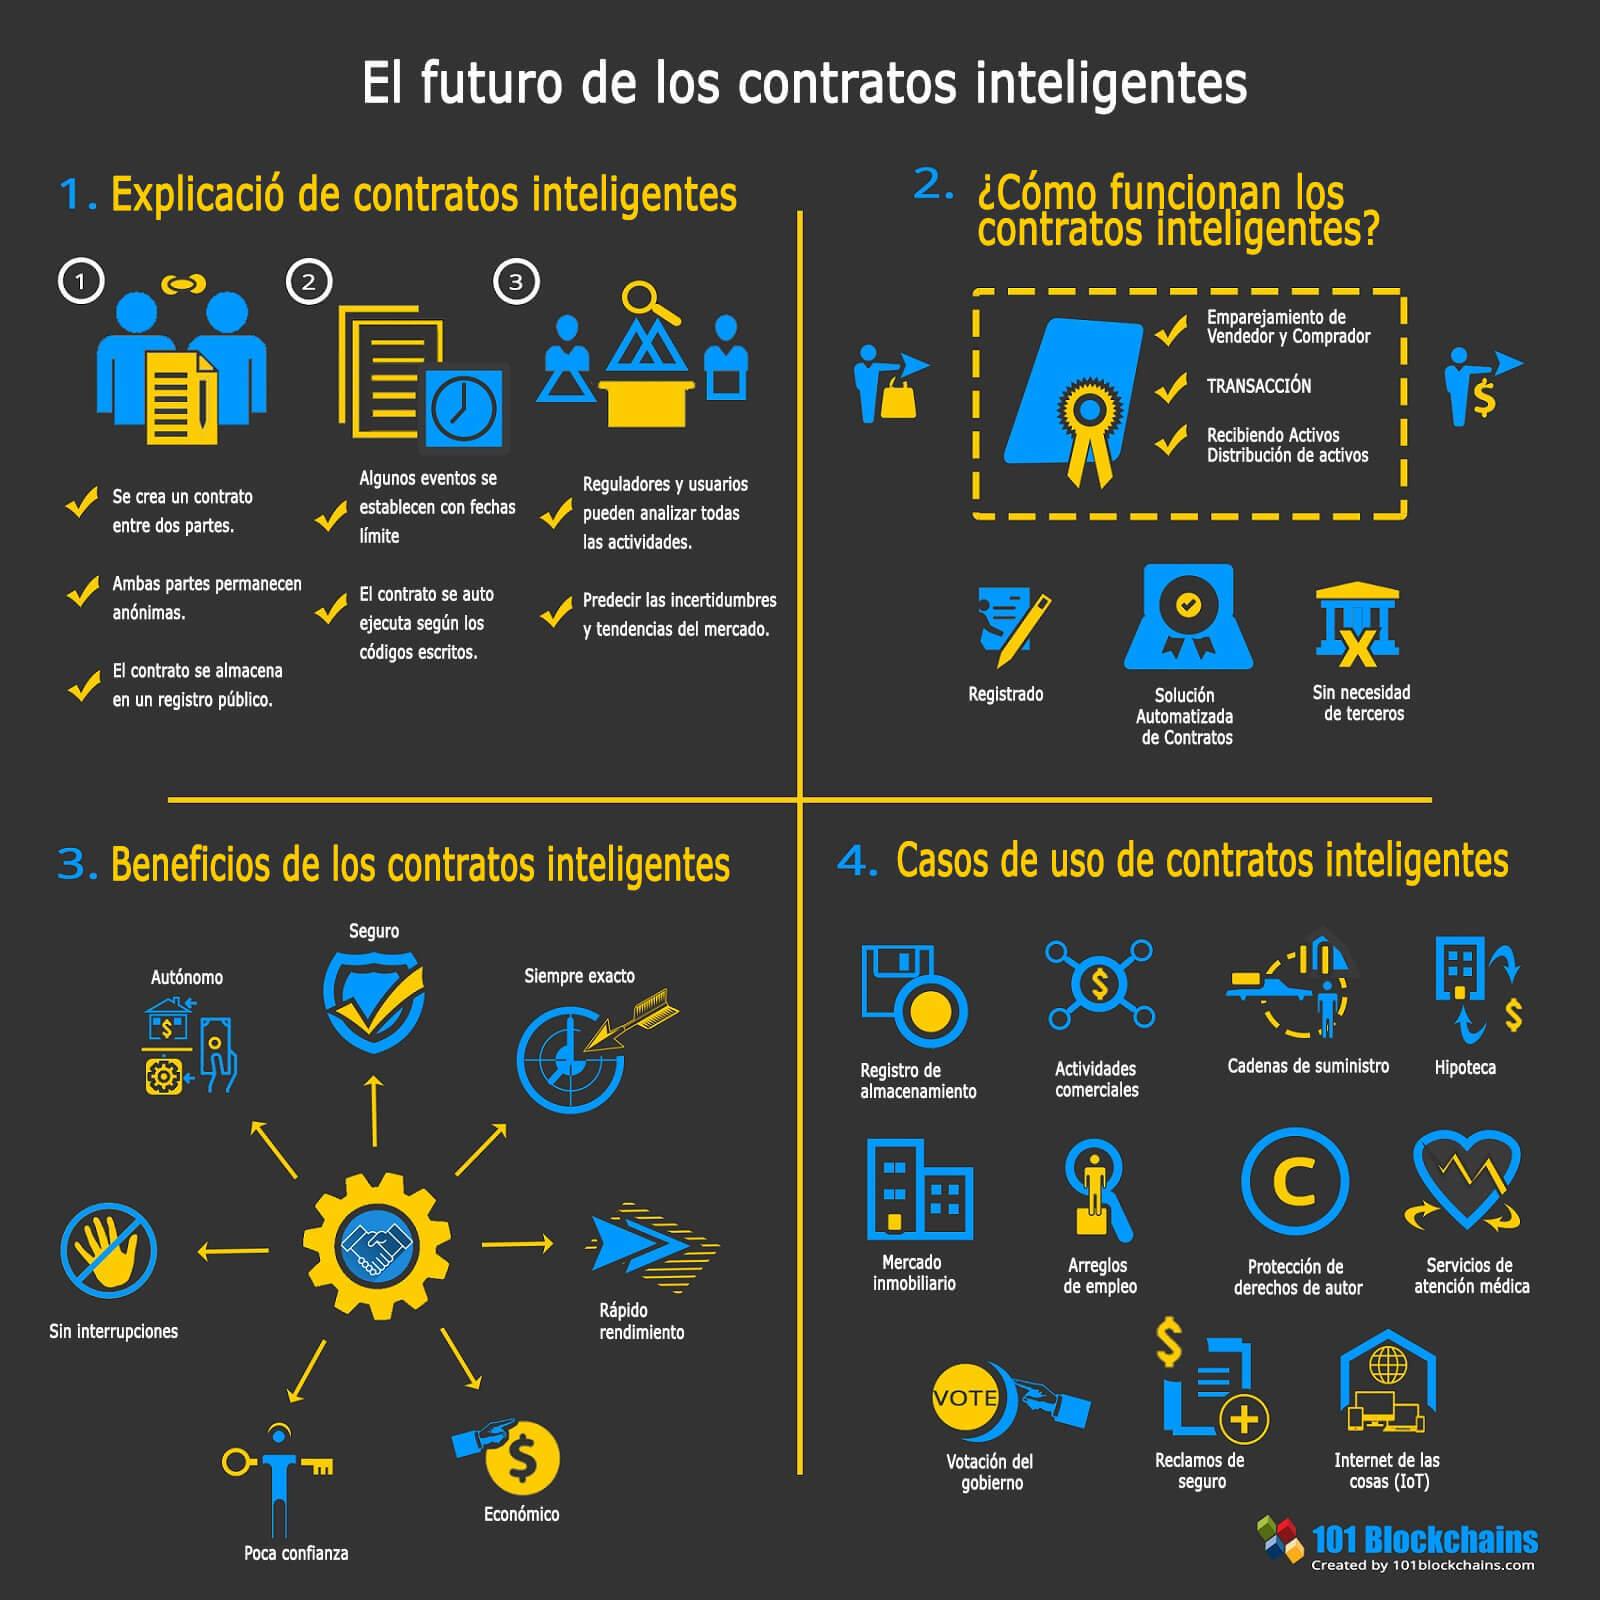 El futuro de los contratos inteligentes